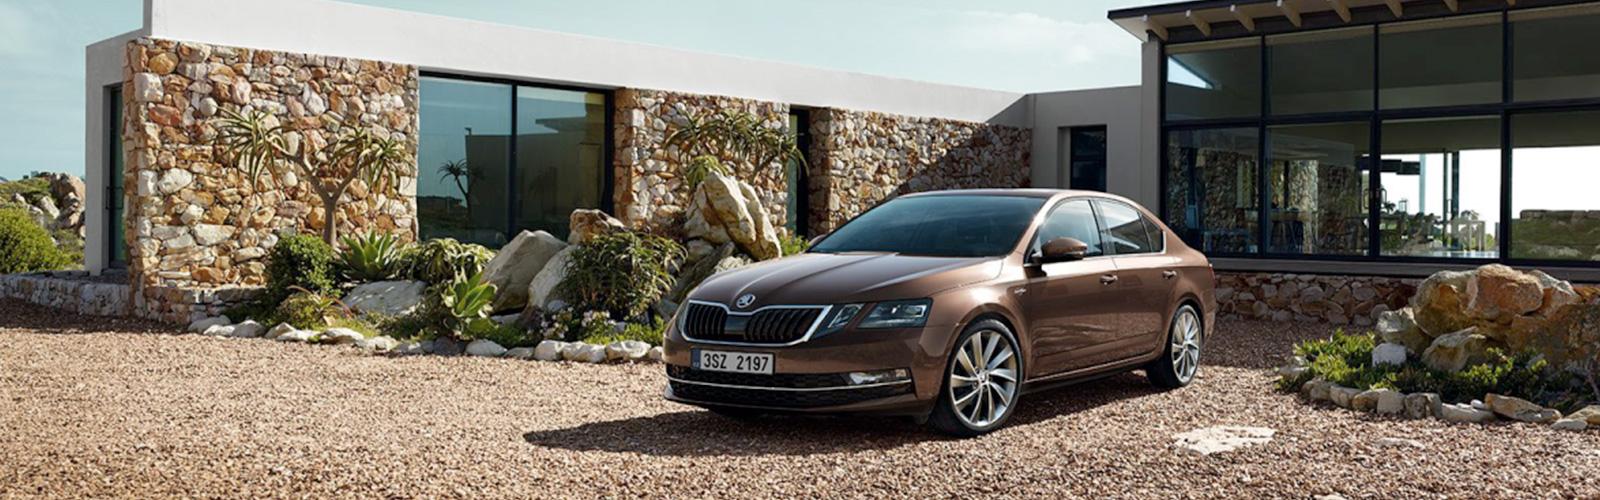 Conducción dinámica y confortable, especialmente en las curvas.